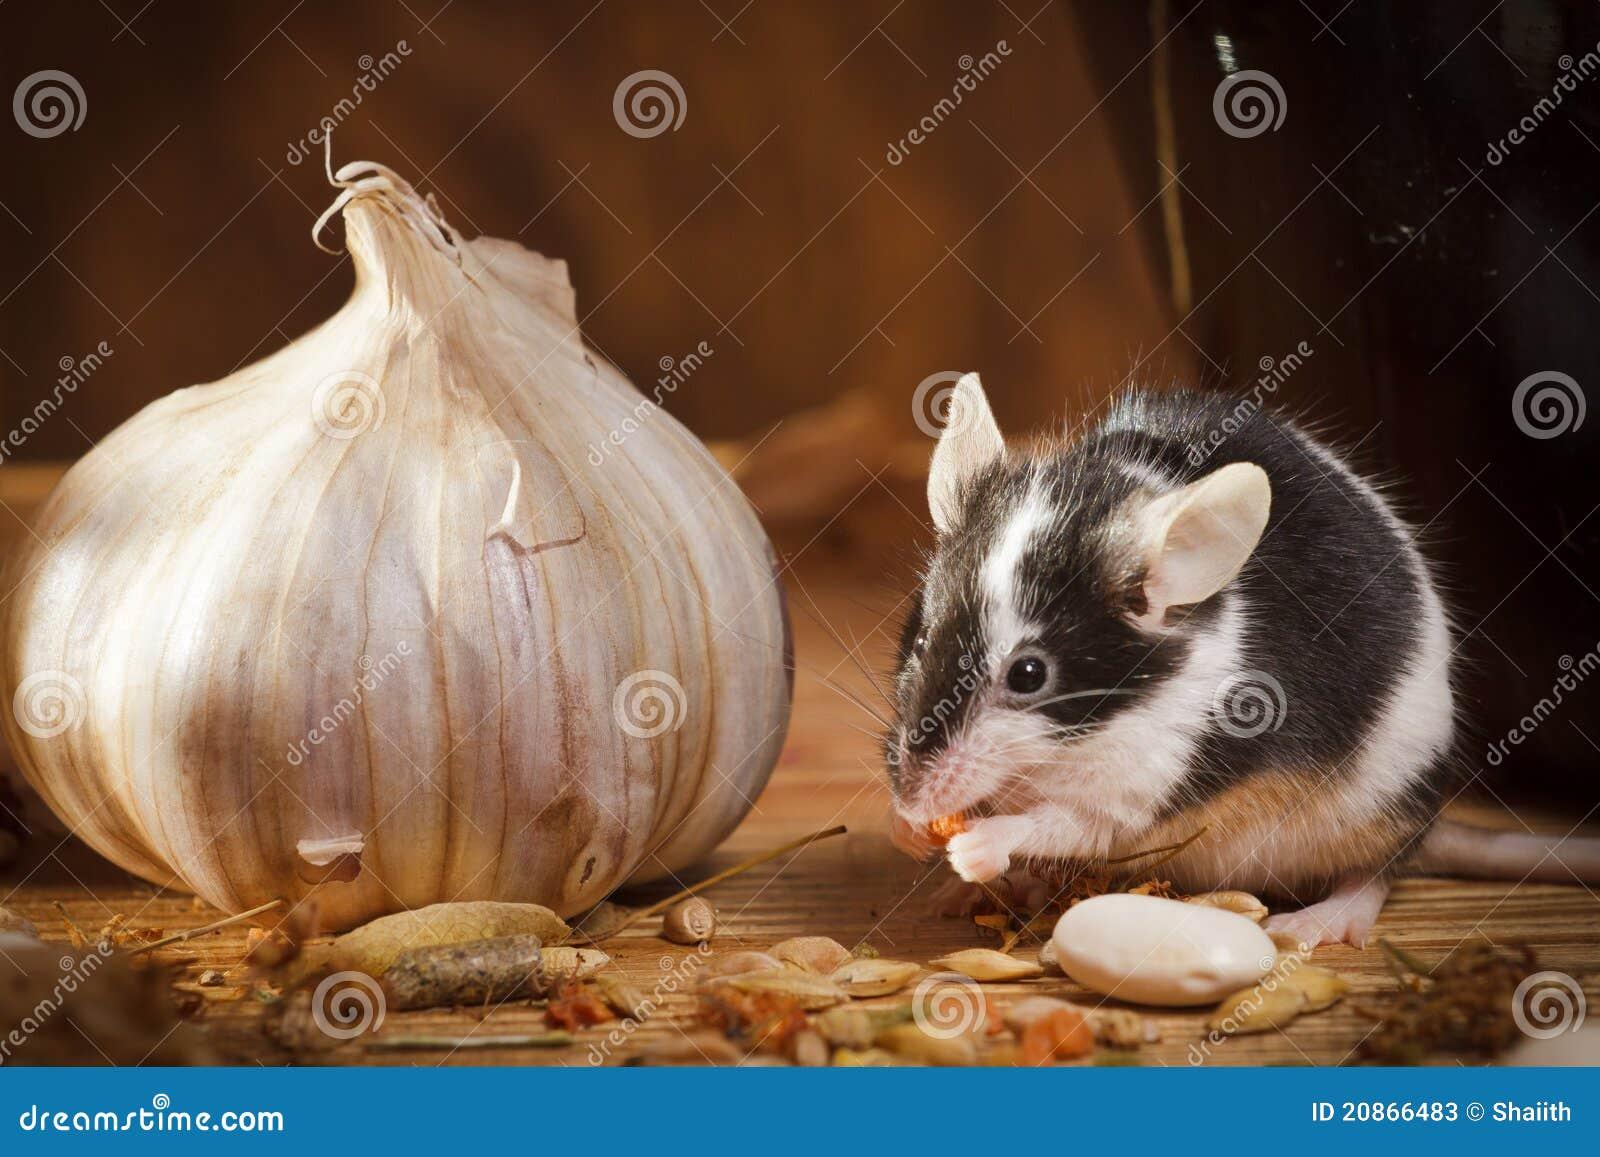 Kleine Maus Mit Knoblauch Im Keller Stockbild Bild Von